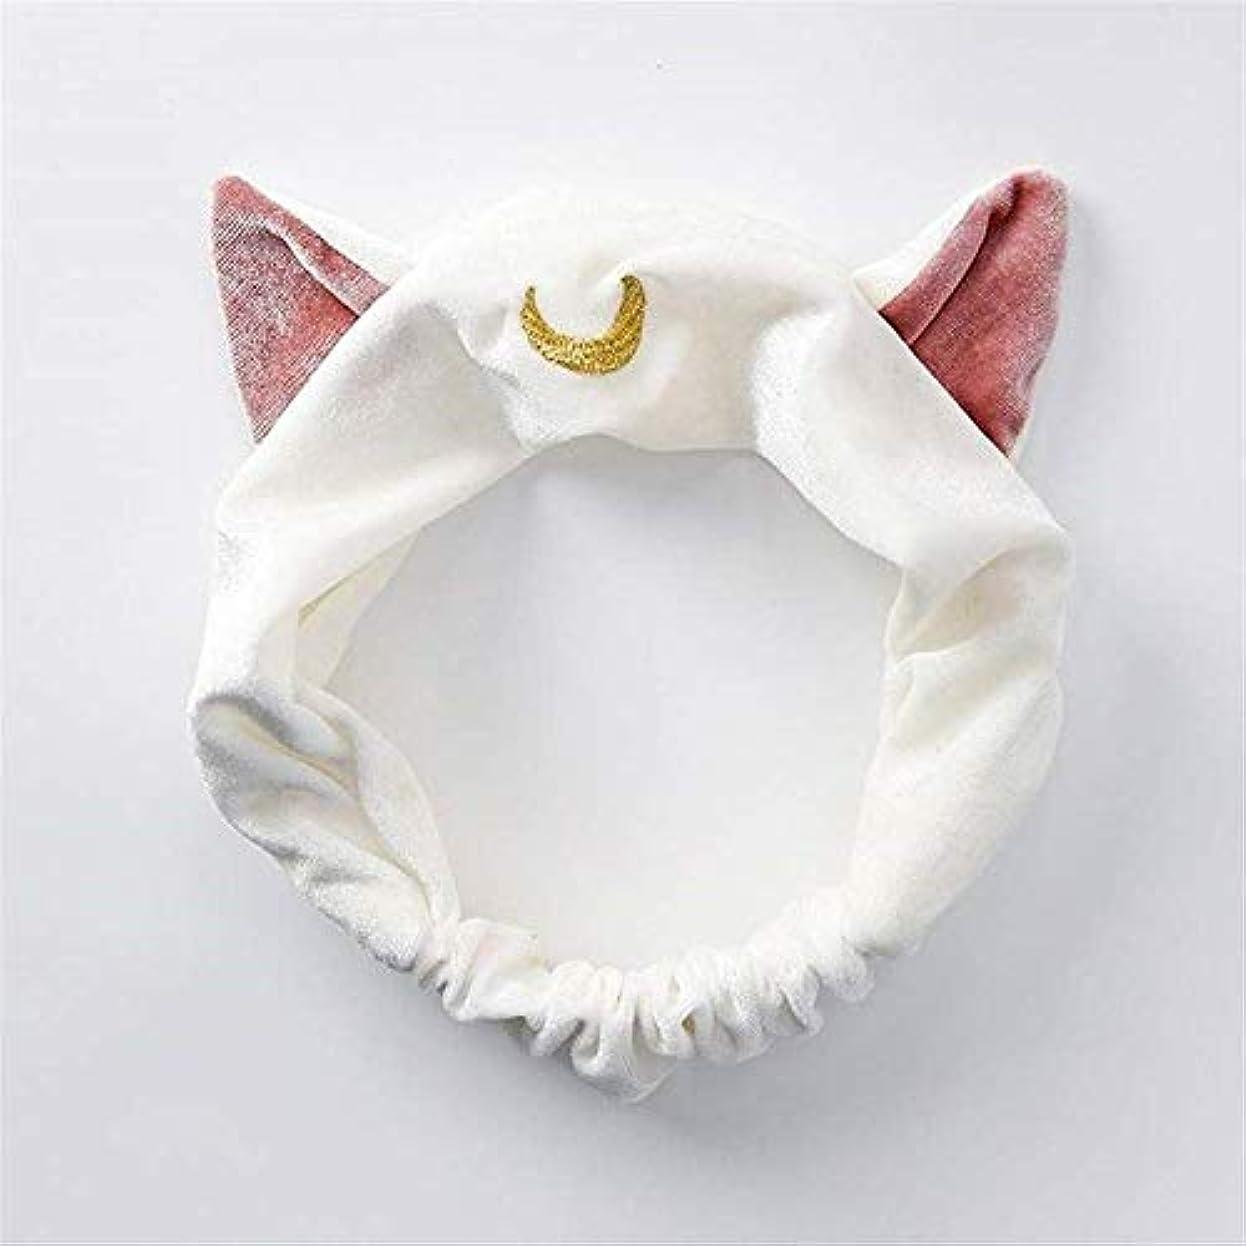 前置詞マート見通しファッションセーラームーンアルテミス風のヘアバンドかわいい猫美容シャワーヘッドバンド(ホワイト)